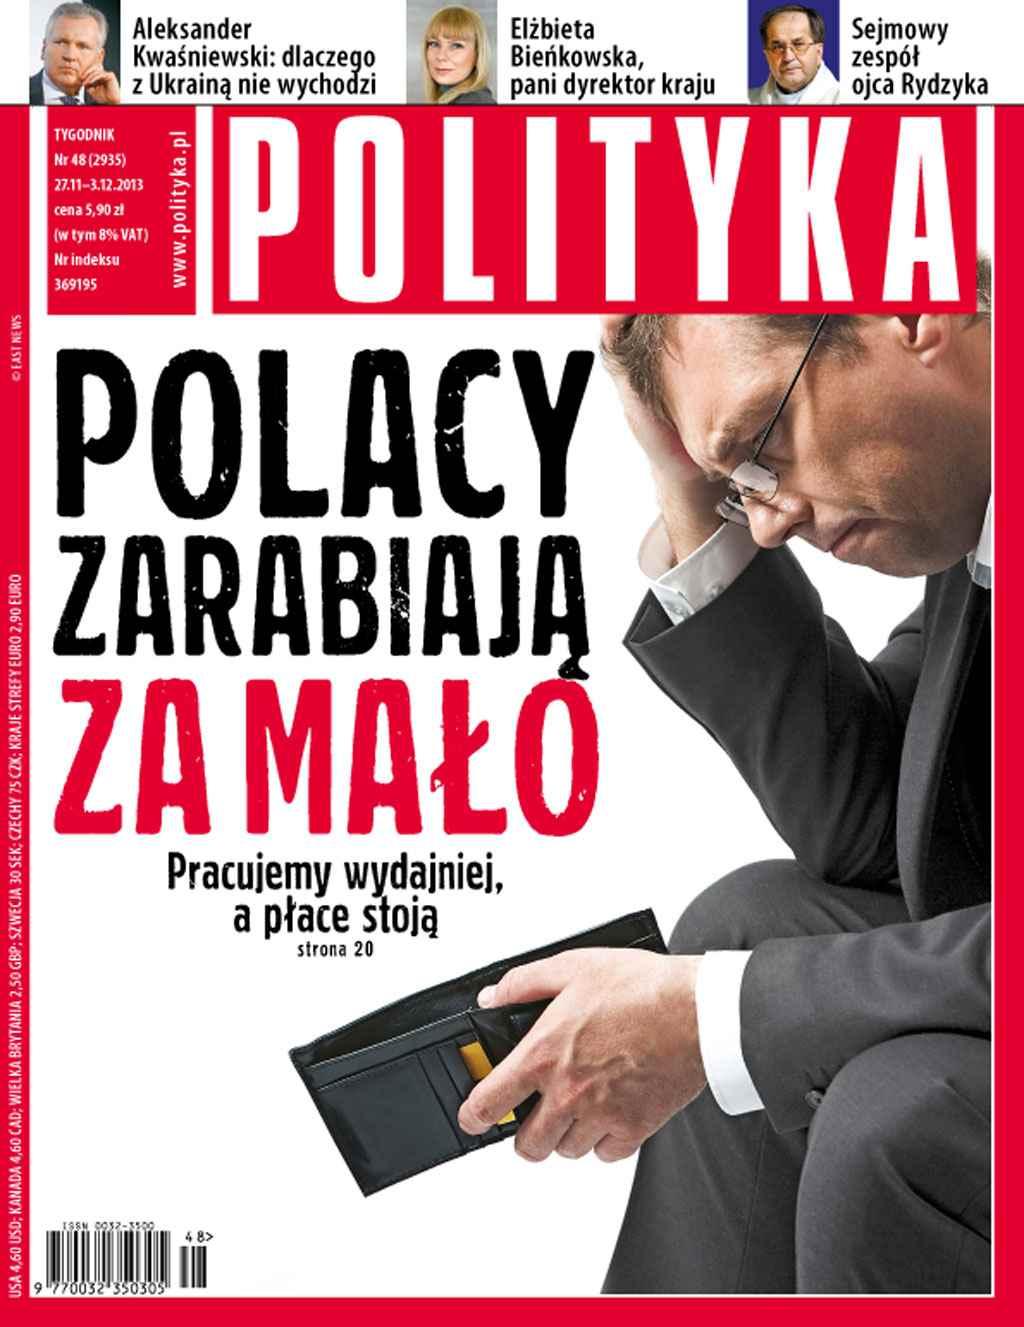 Polityka nr 48/2013 - Ebook (Książka PDF) do pobrania w formacie PDF